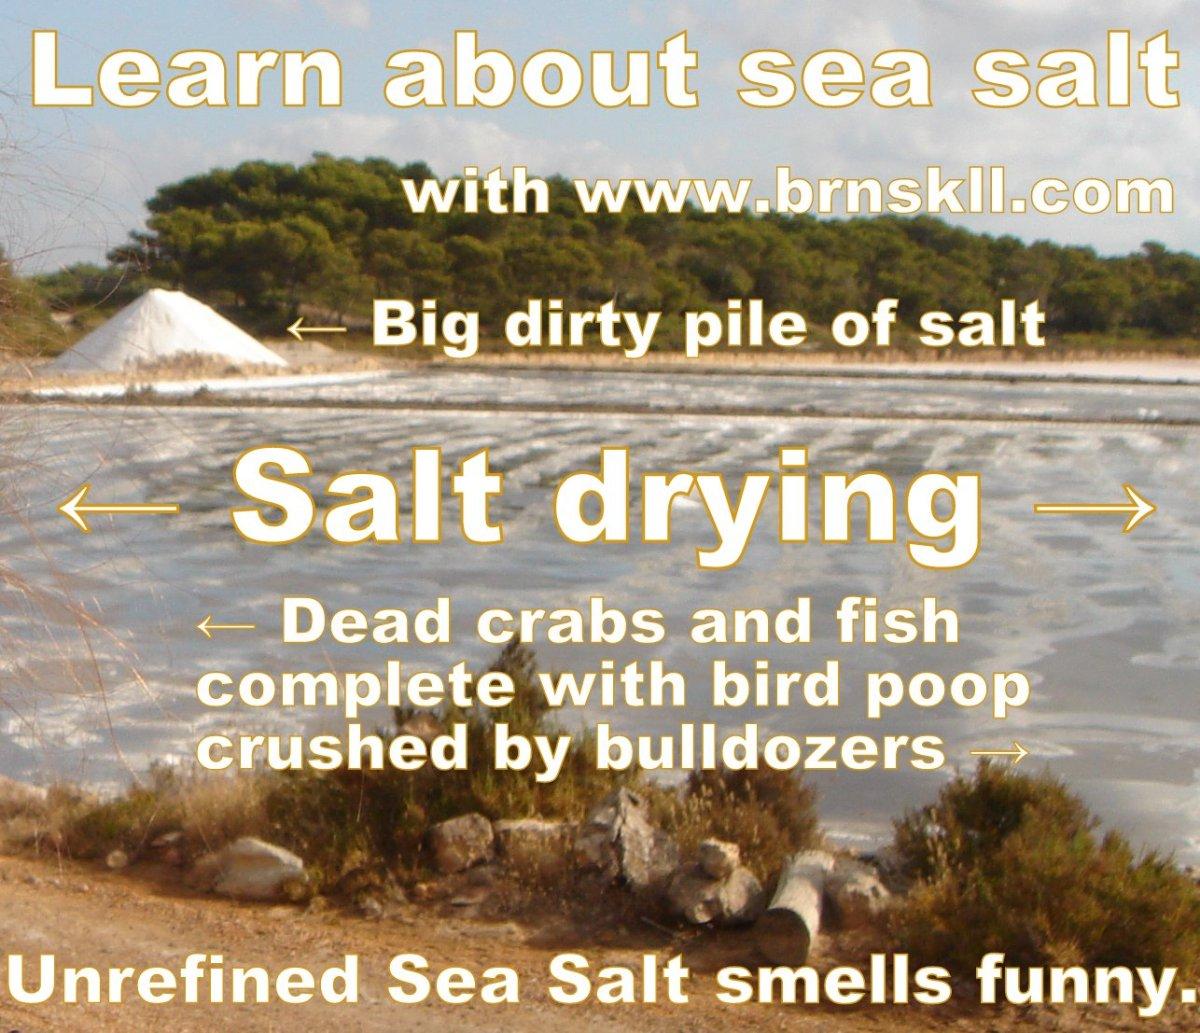 Oboznámte sa s morskou soľou